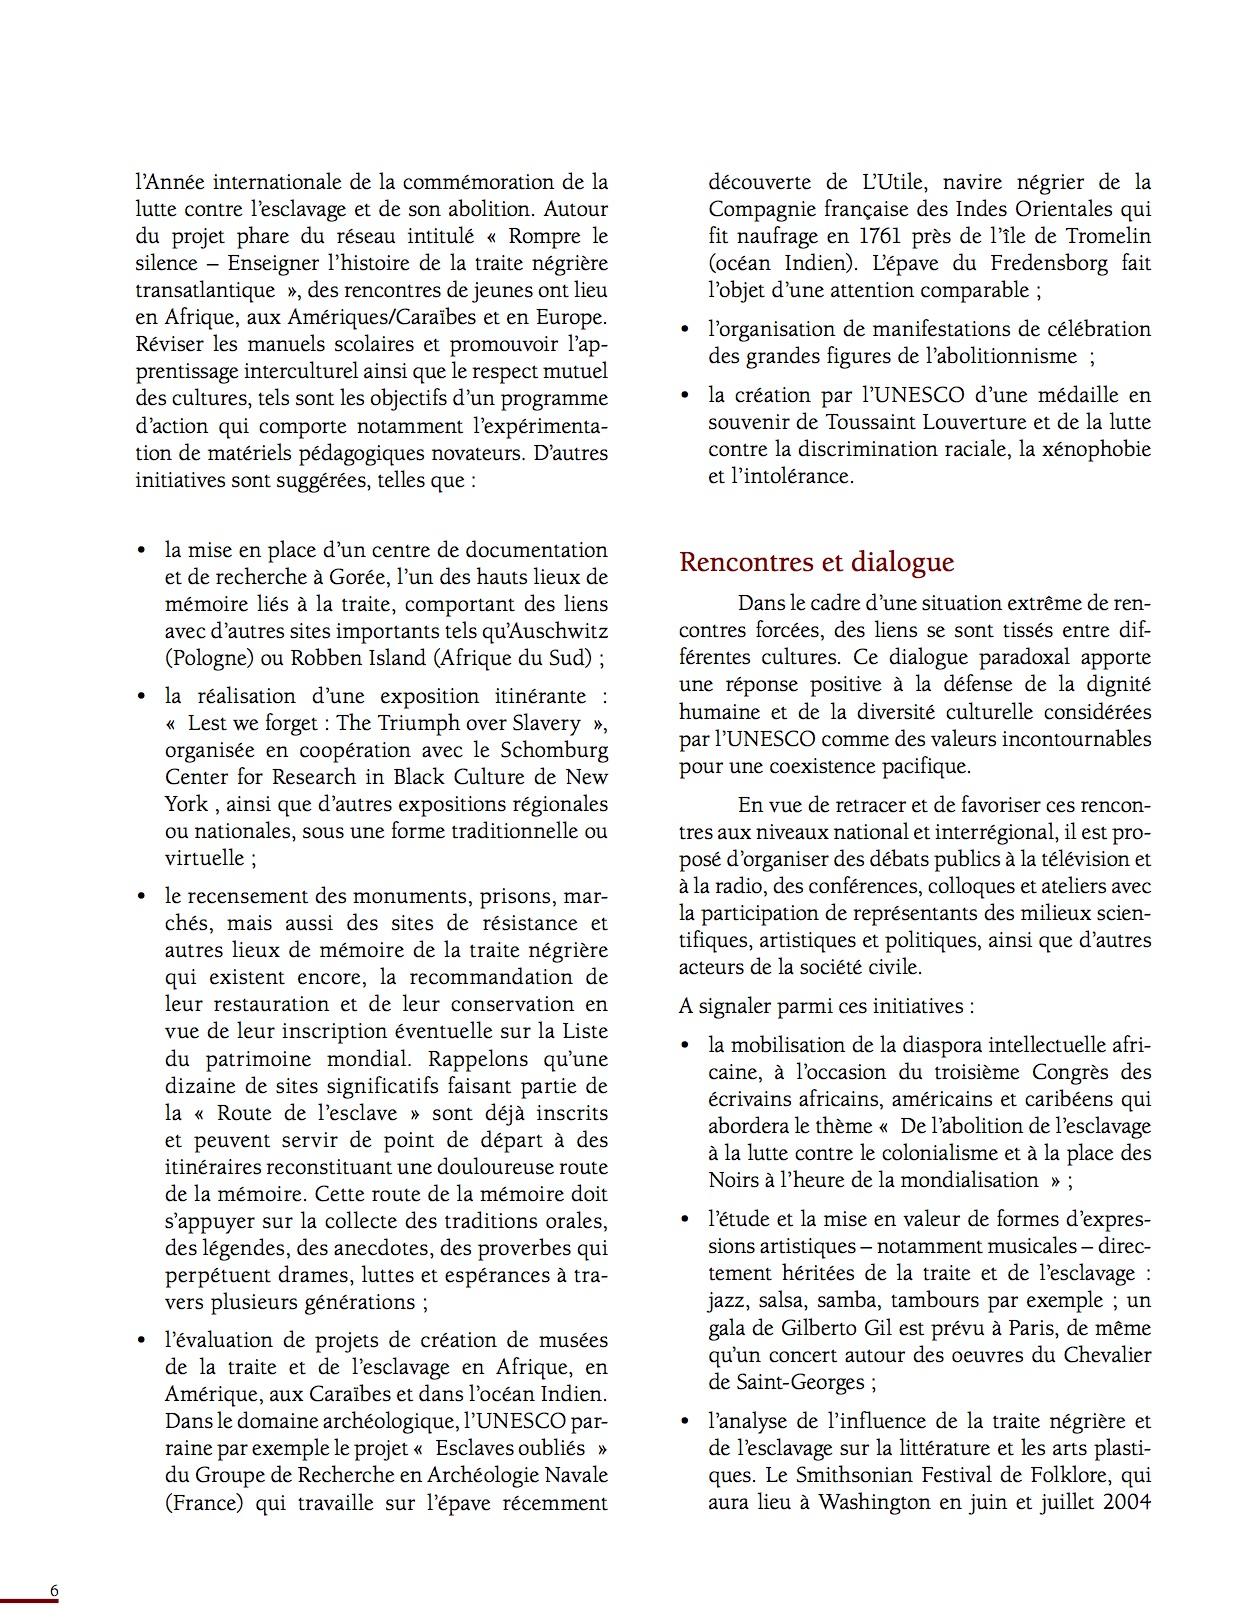 Unesco Luttes contre l'esclavage-6